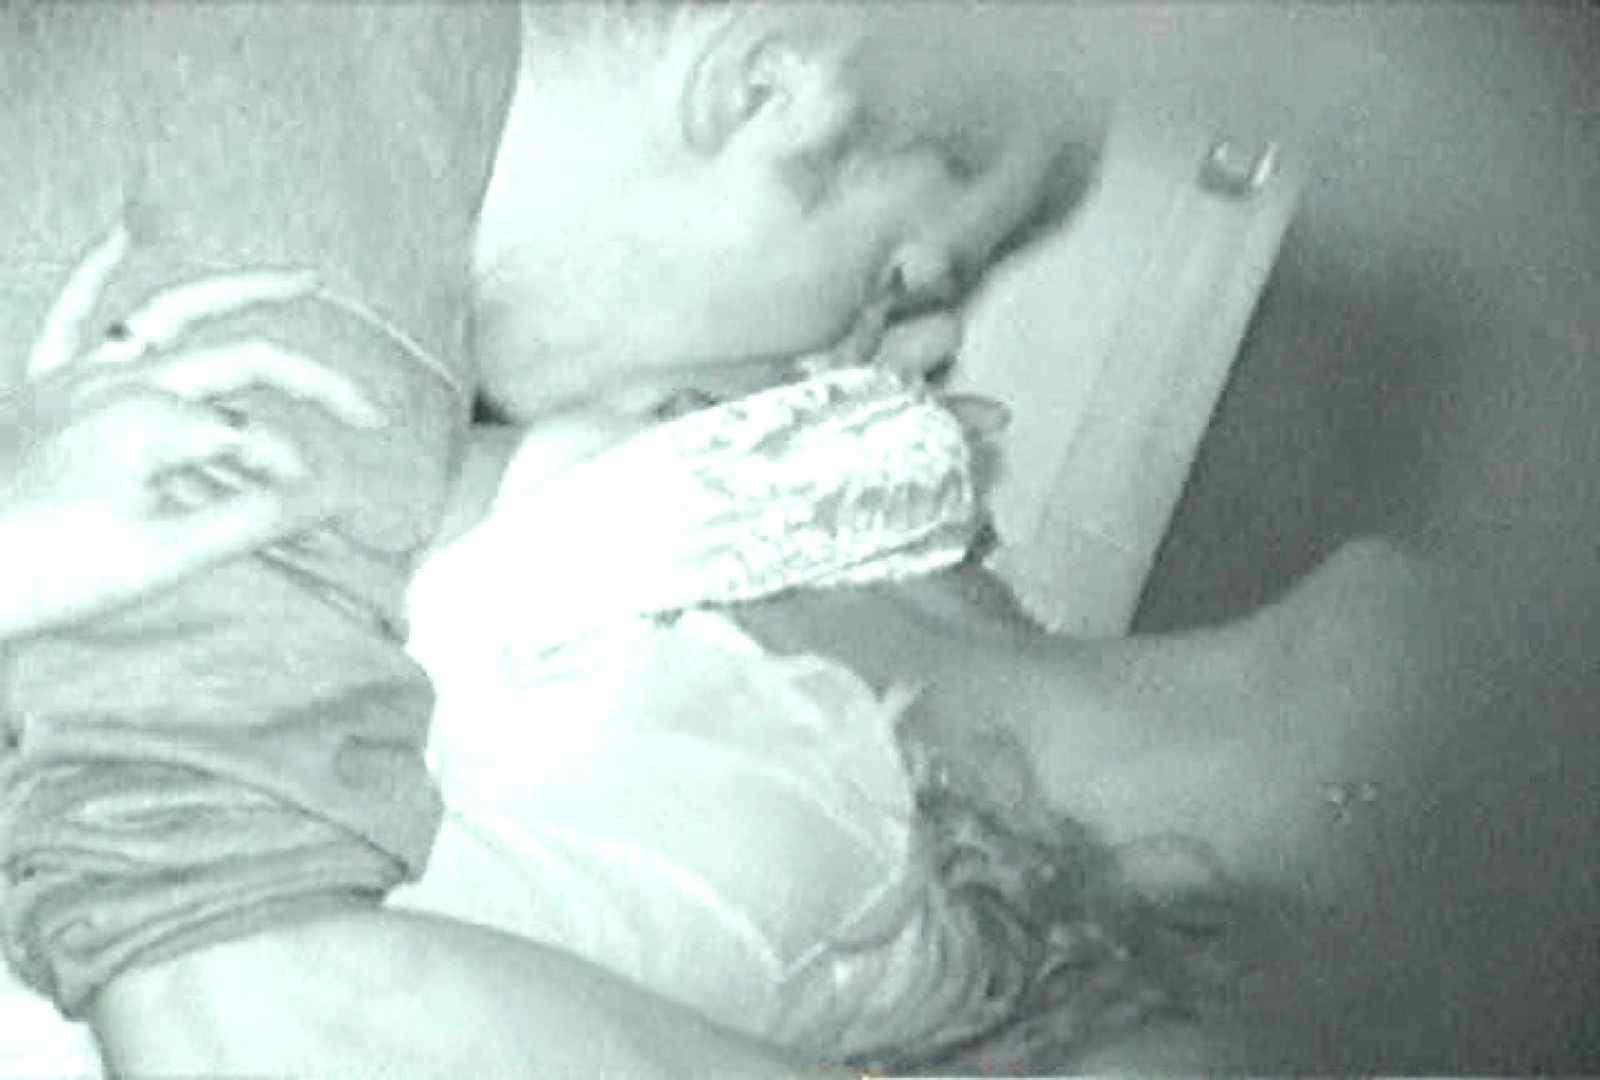 充血監督の深夜の運動会Vol.89 カップル SEX無修正画像 87pic 7